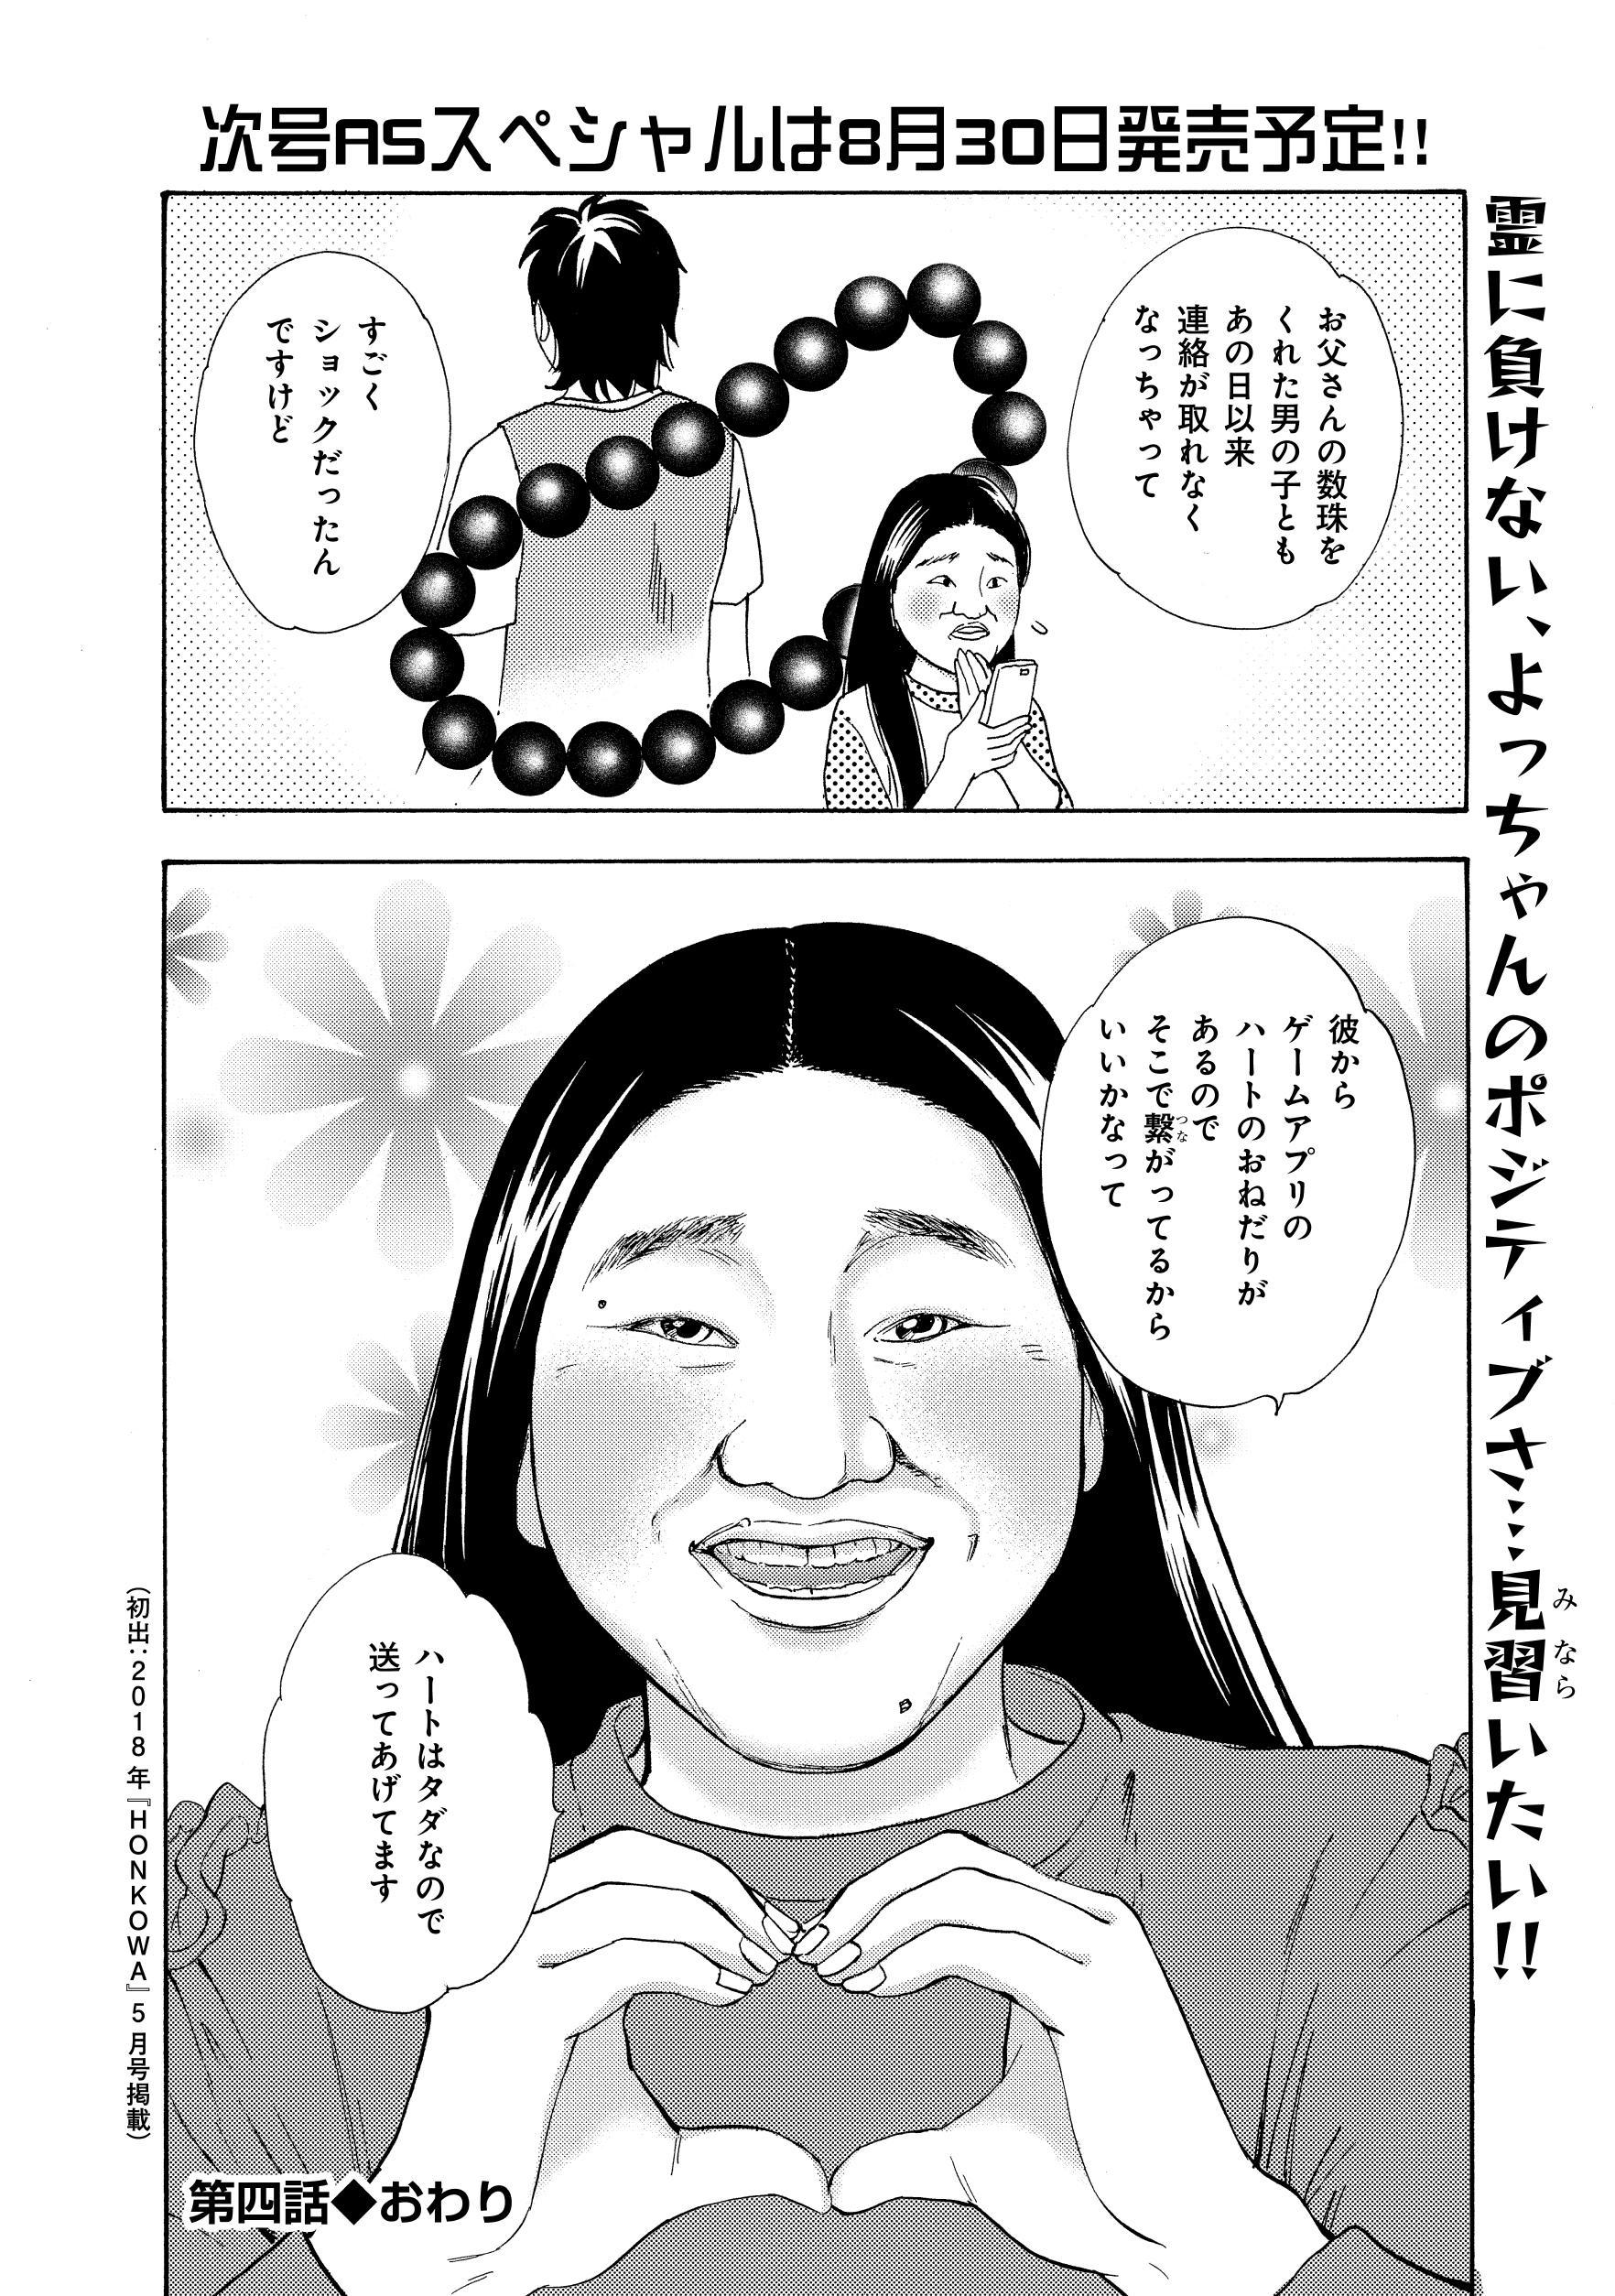 原作特集_188.jpg